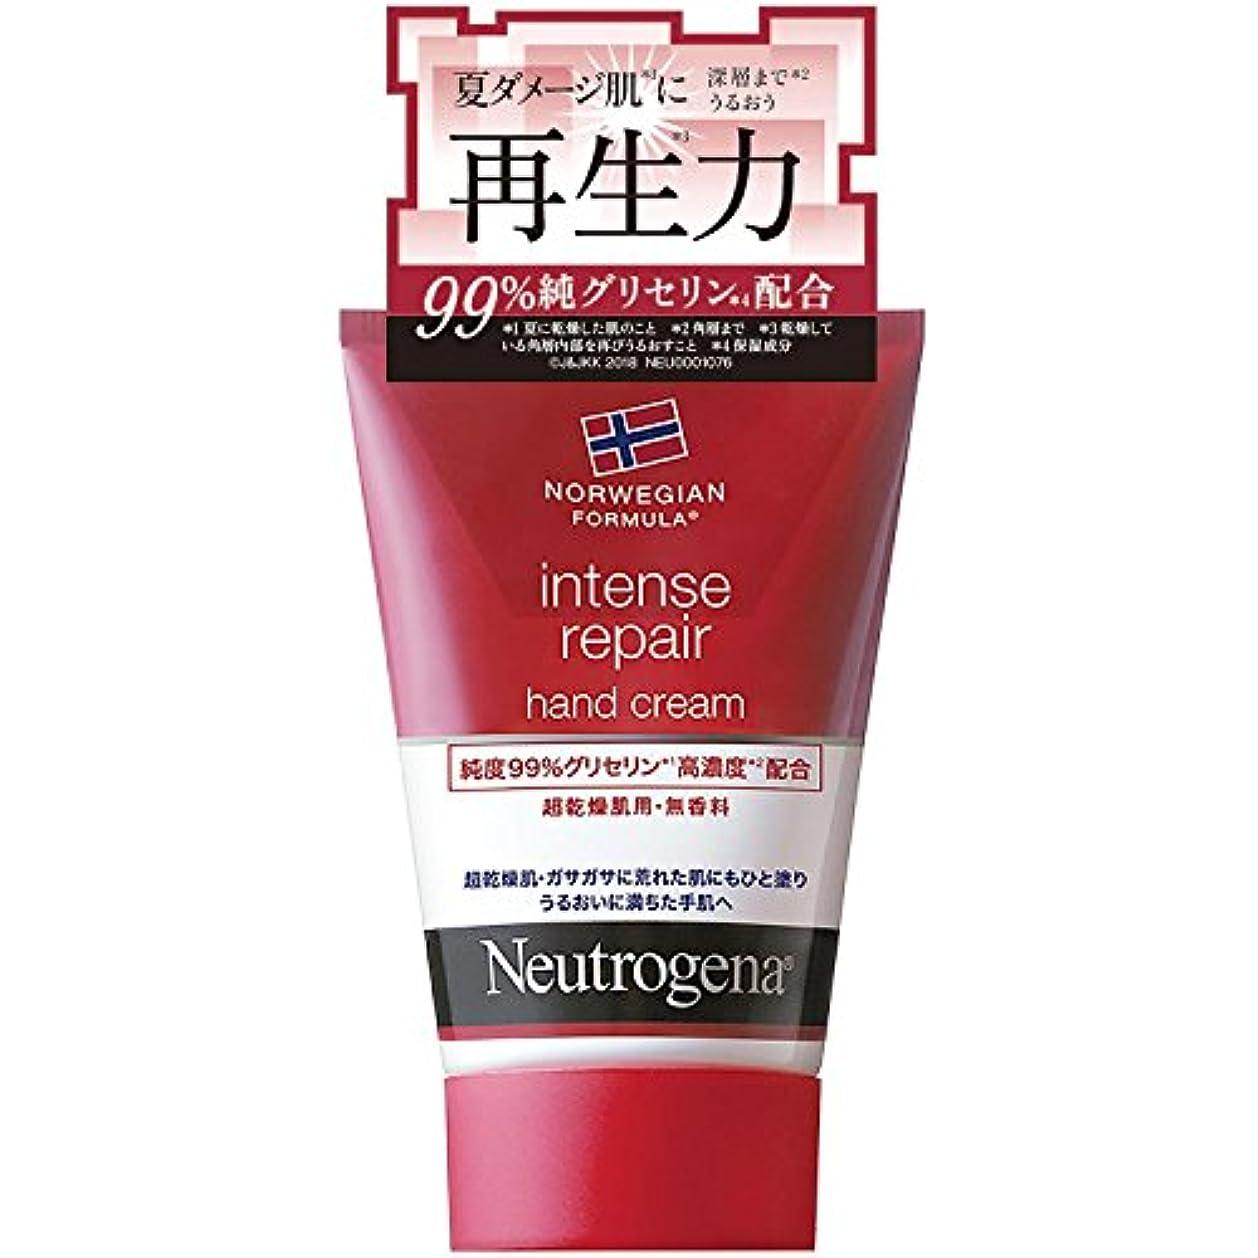 予知素晴らしさ攻撃的Neutrogena(ニュートロジーナ) ノルウェーフォーミュラ インテンスリペア ハンドクリーム 超乾燥肌用 無香料 単品 50g